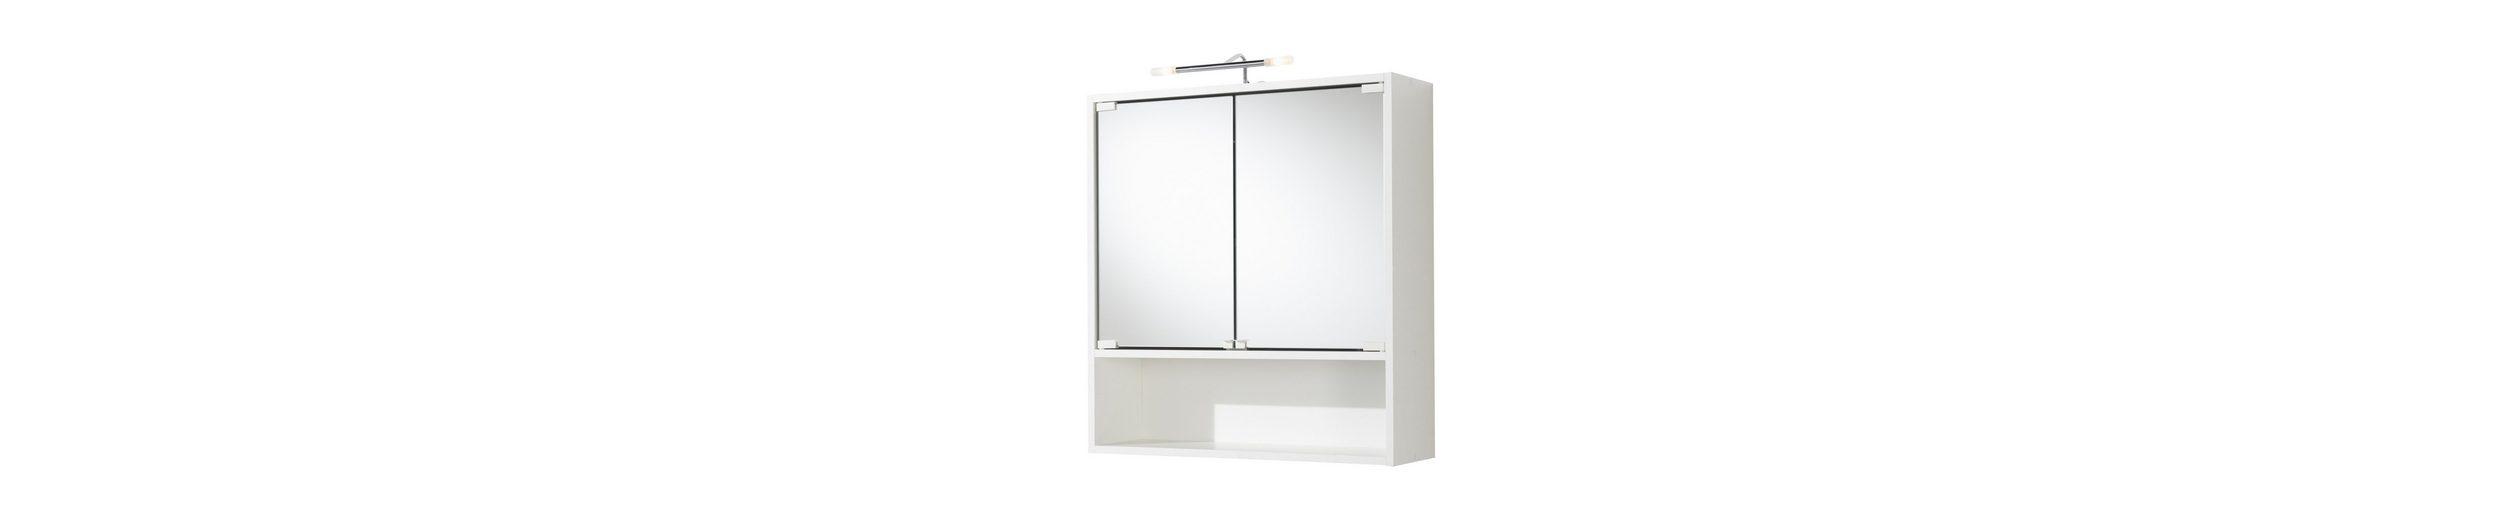 Spiegelschrank »Milano«, Breite 65 cm